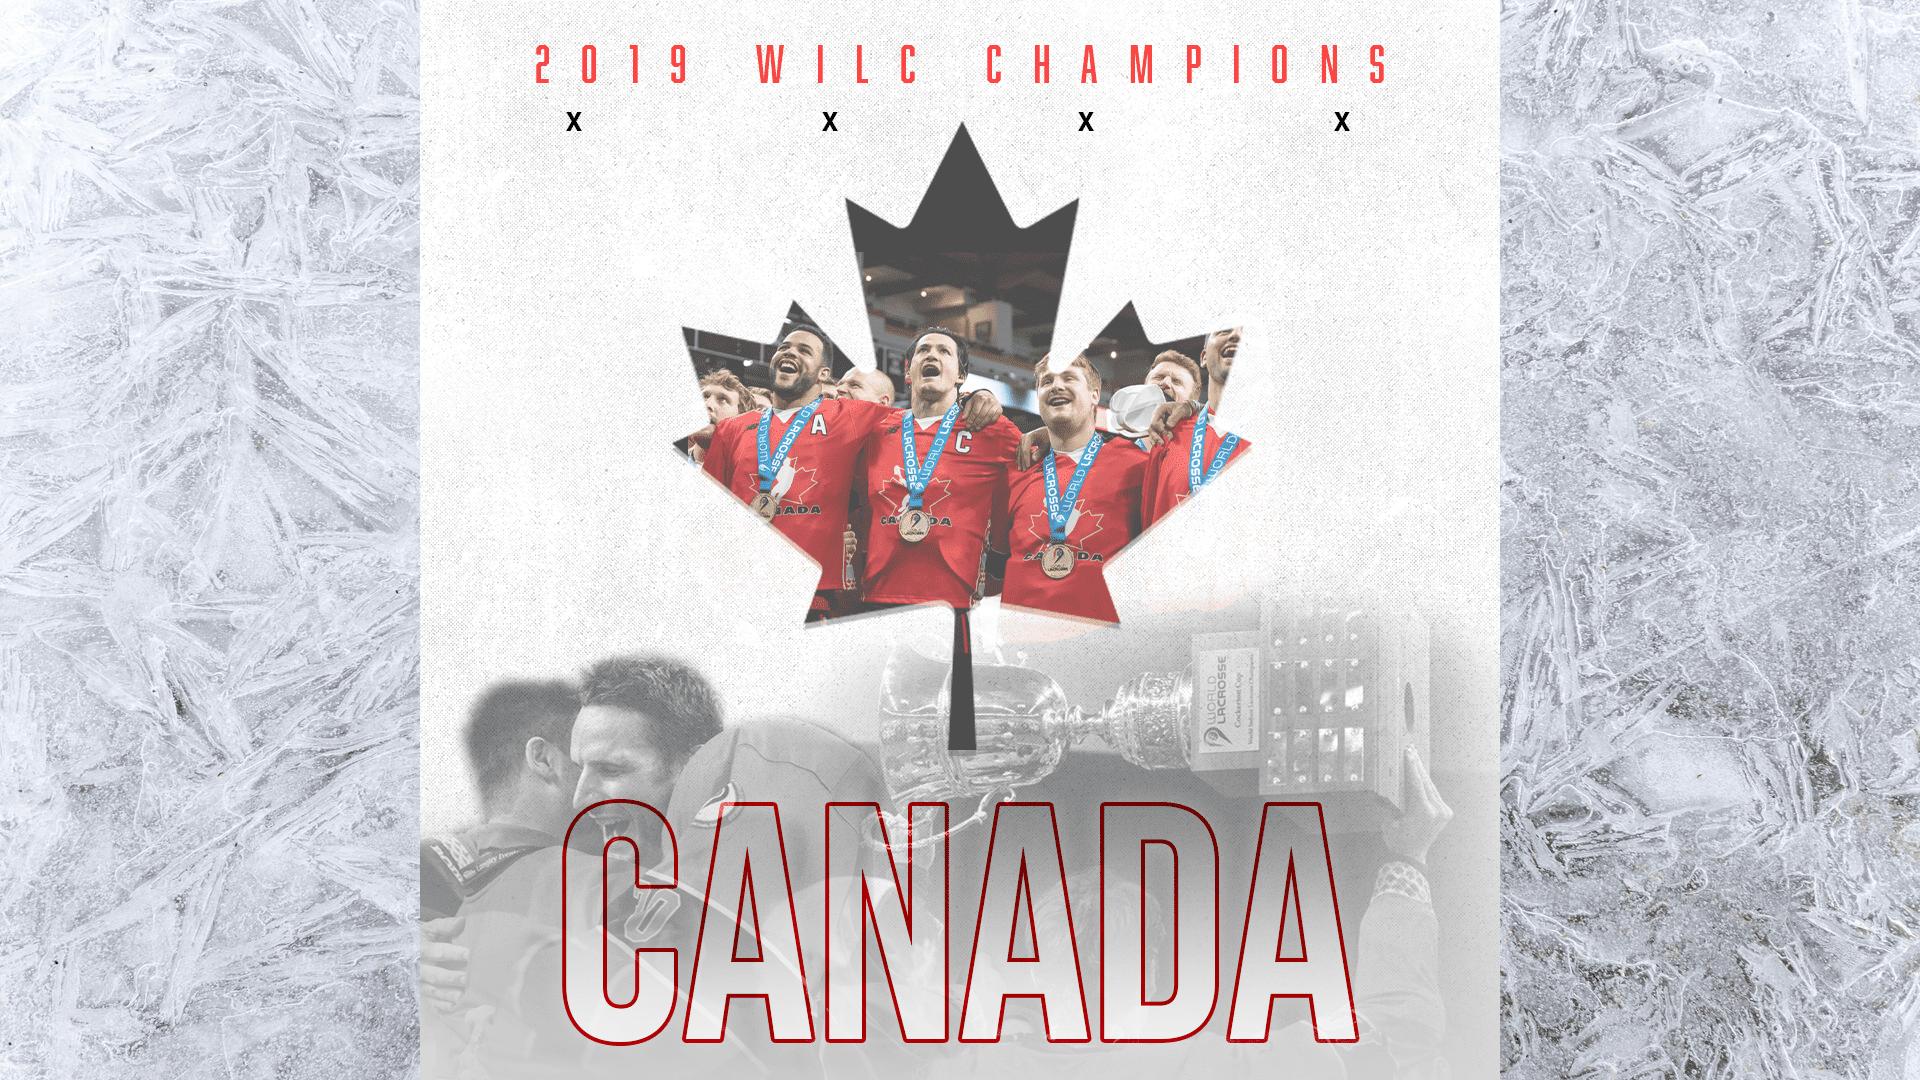 team canada 2019 wilc